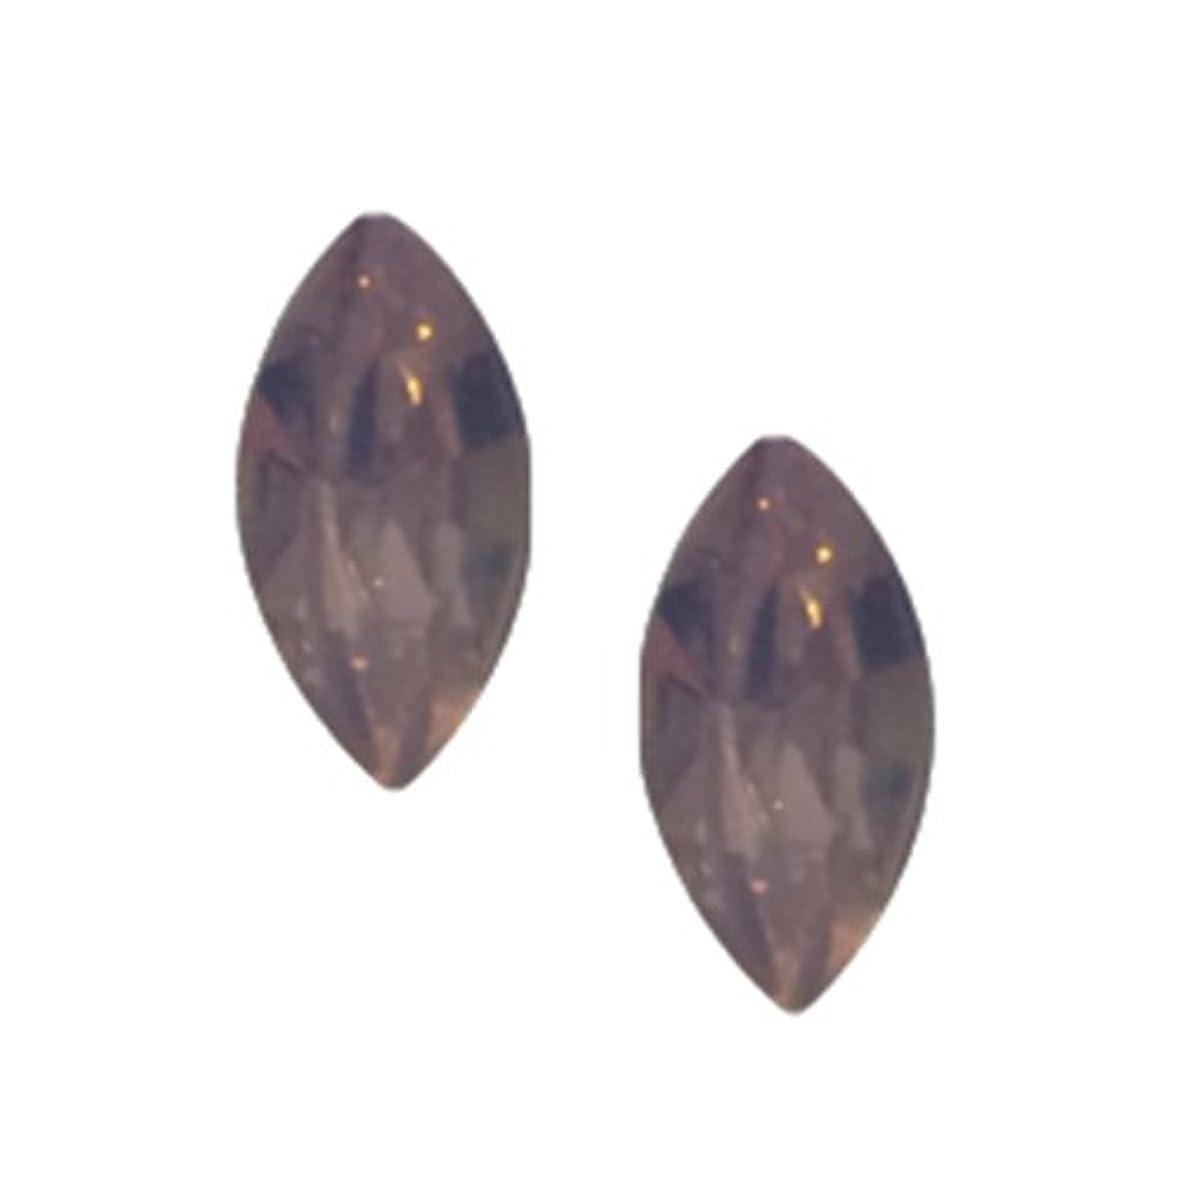 非アクティブペレグリネーション正しくPOSH ART ネイルパーツ馬眼型 3*6mm 10P ピンクオパール